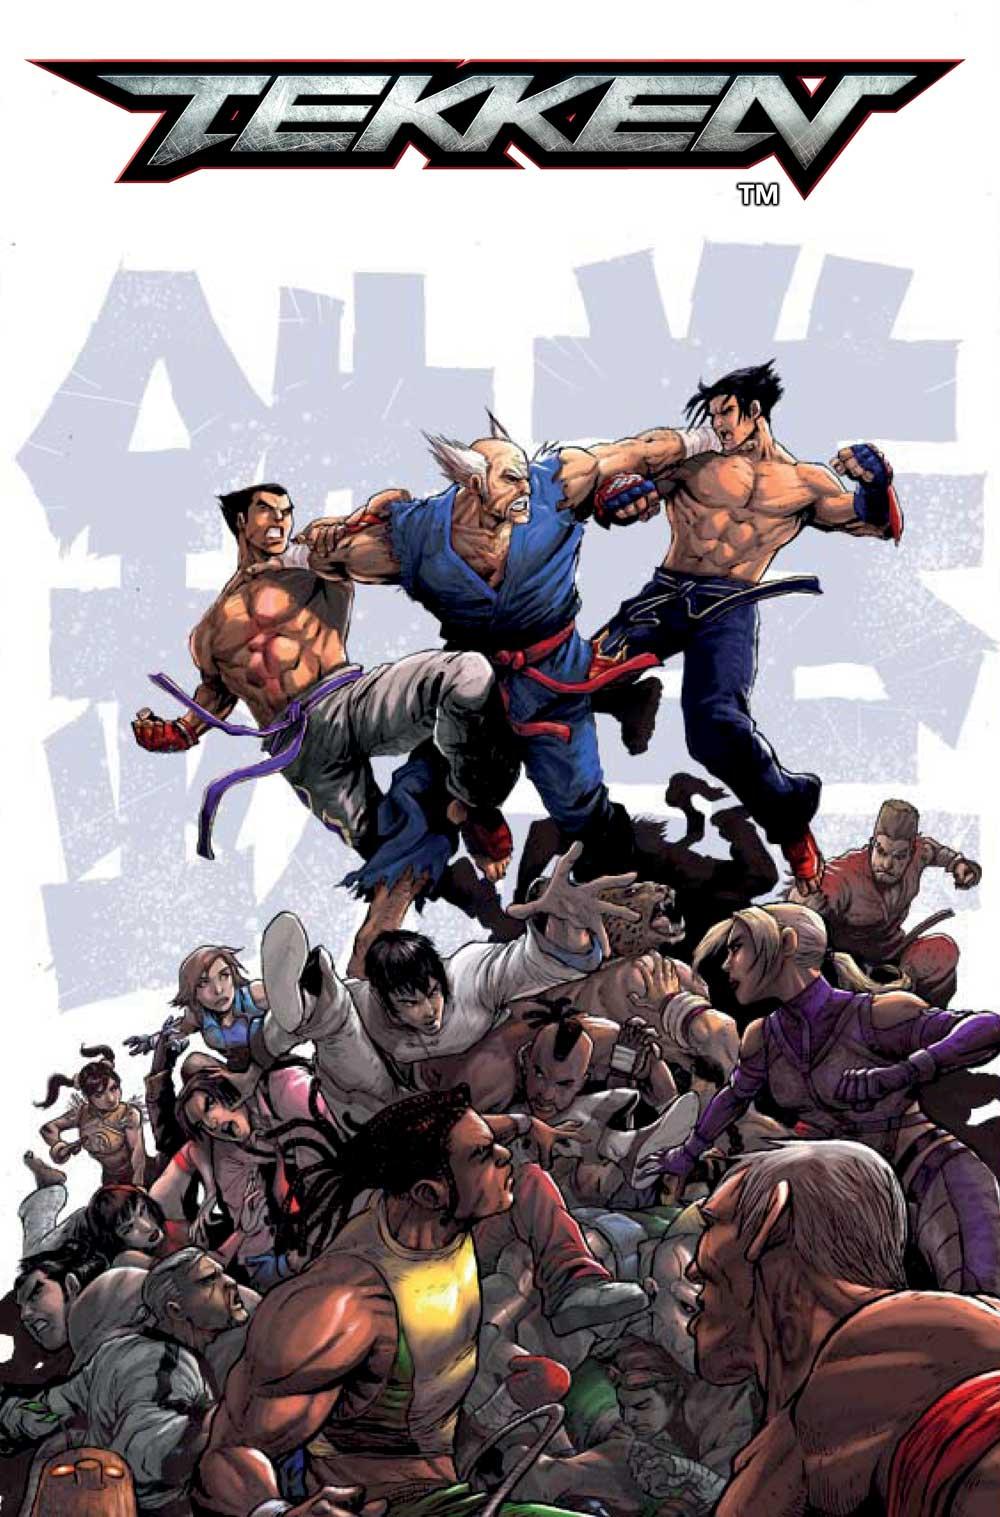 TEKKEN #1 preview – First Comics News